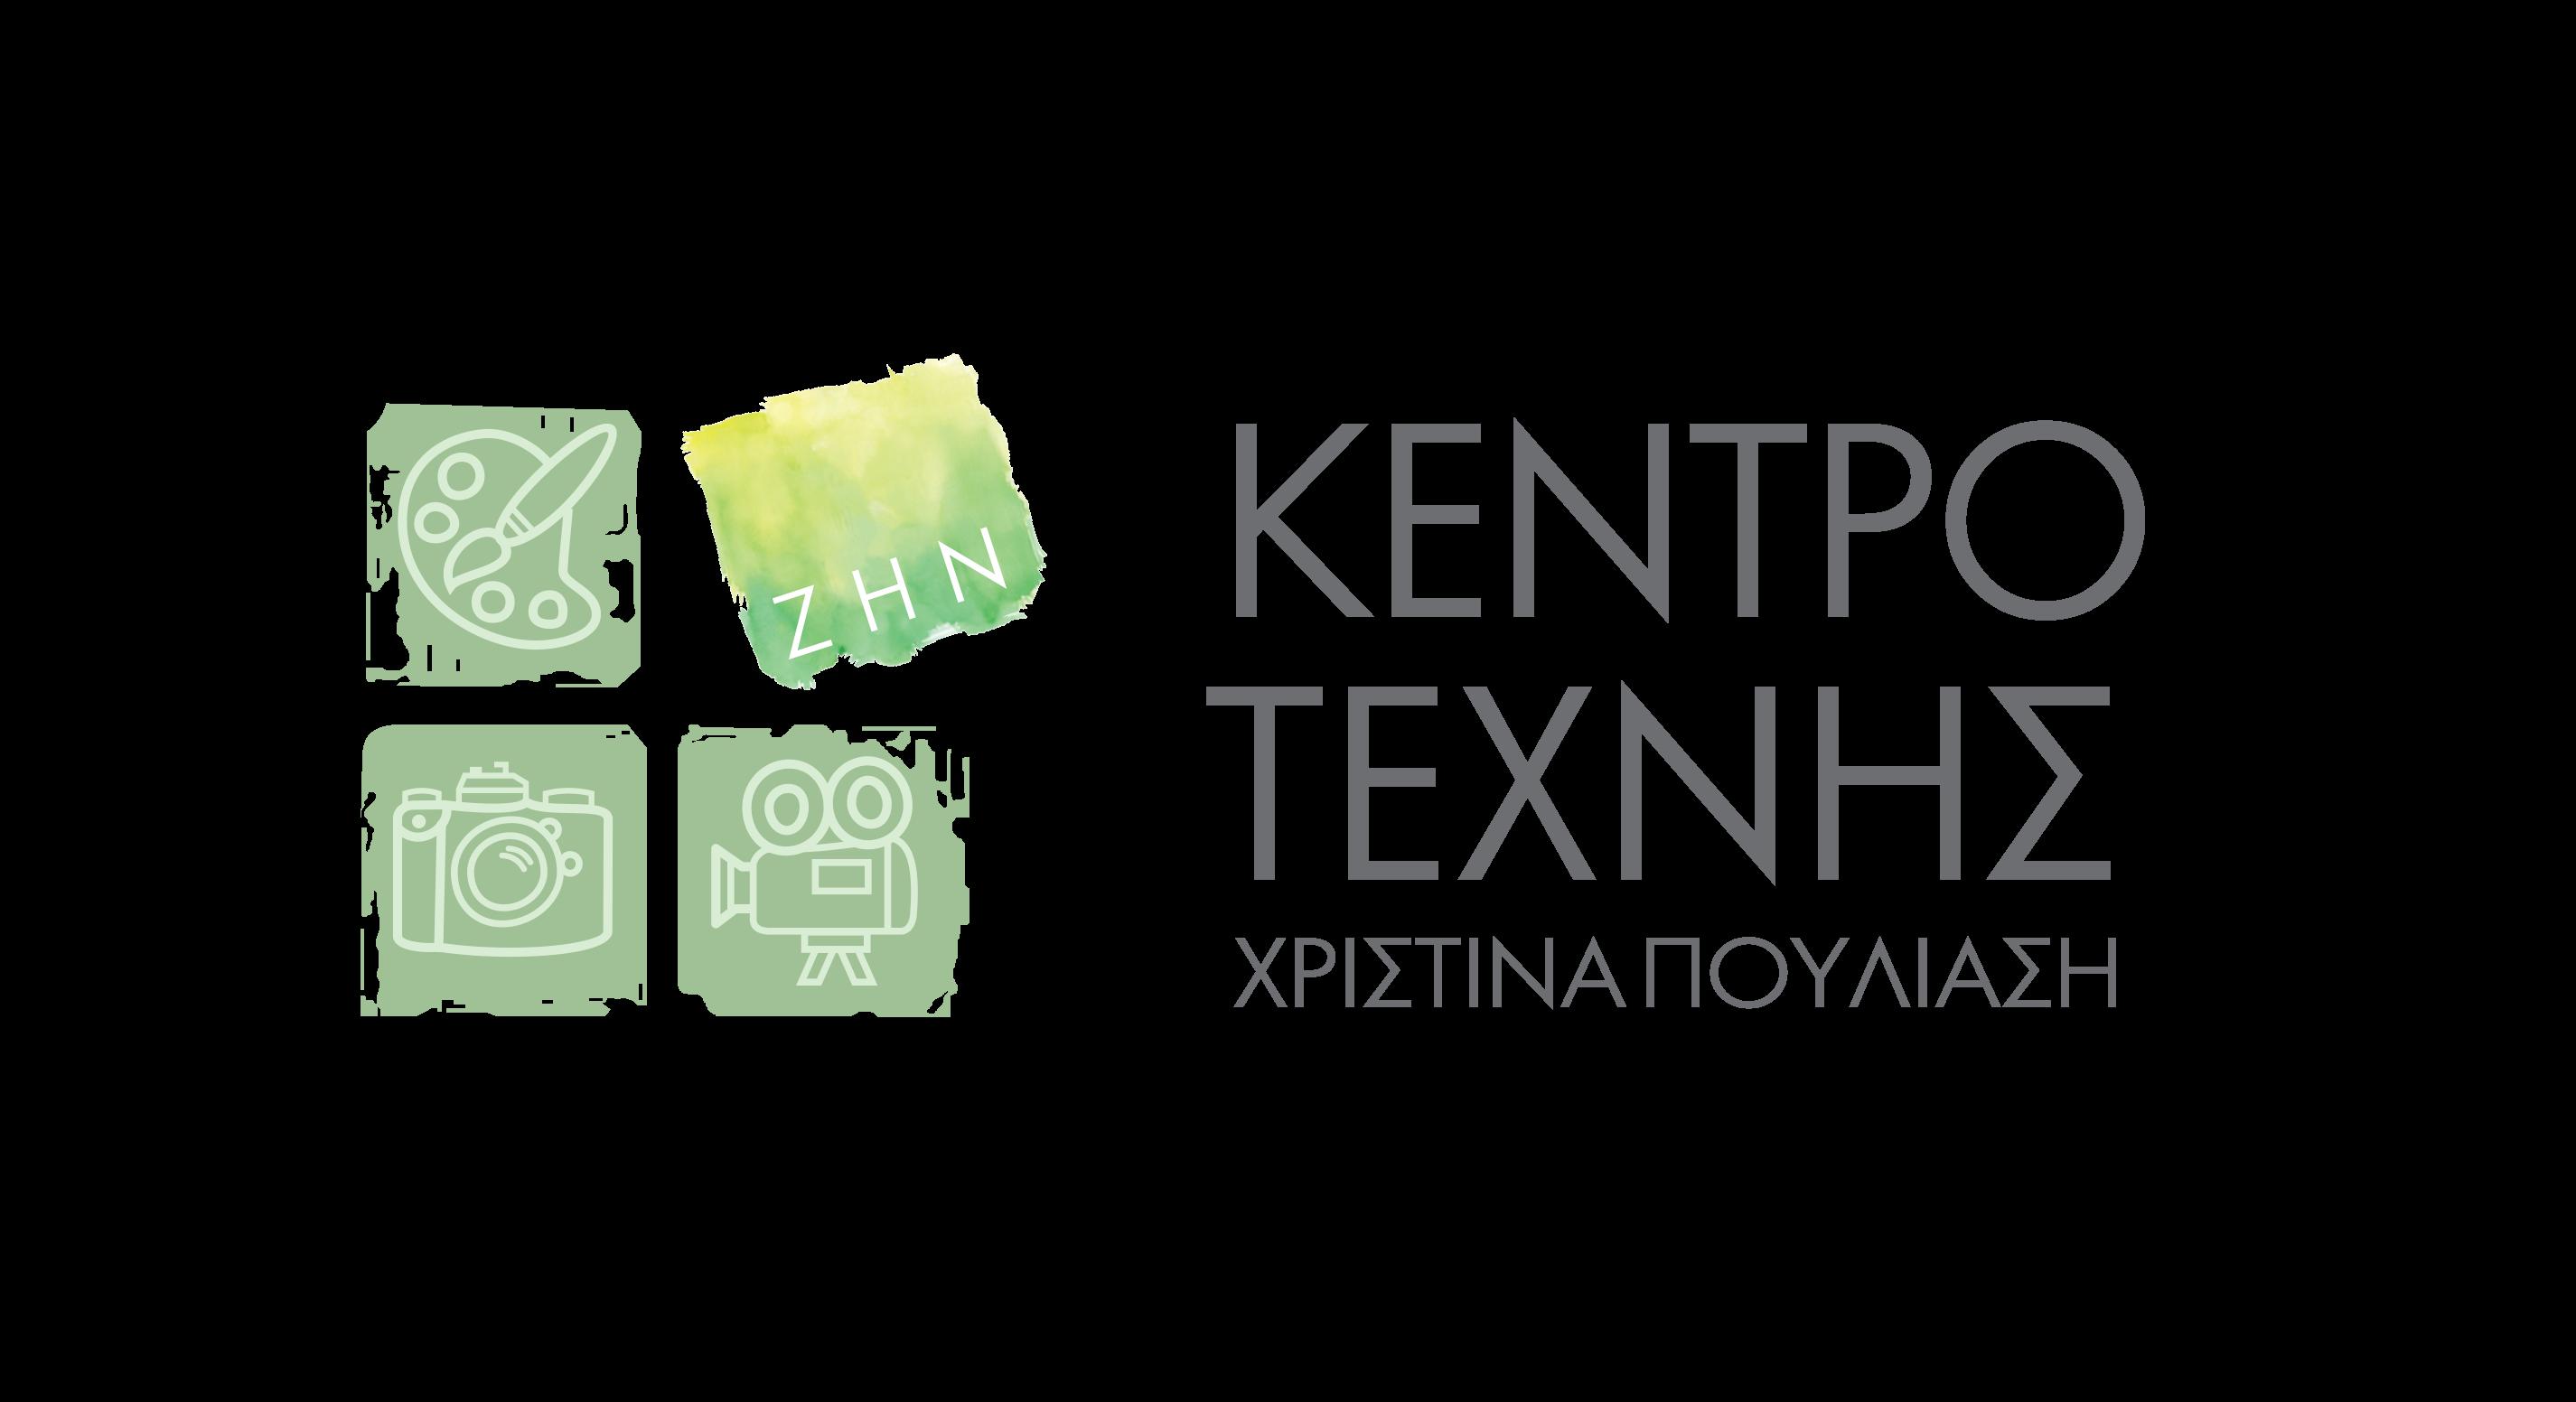 kentrotexnis.gr